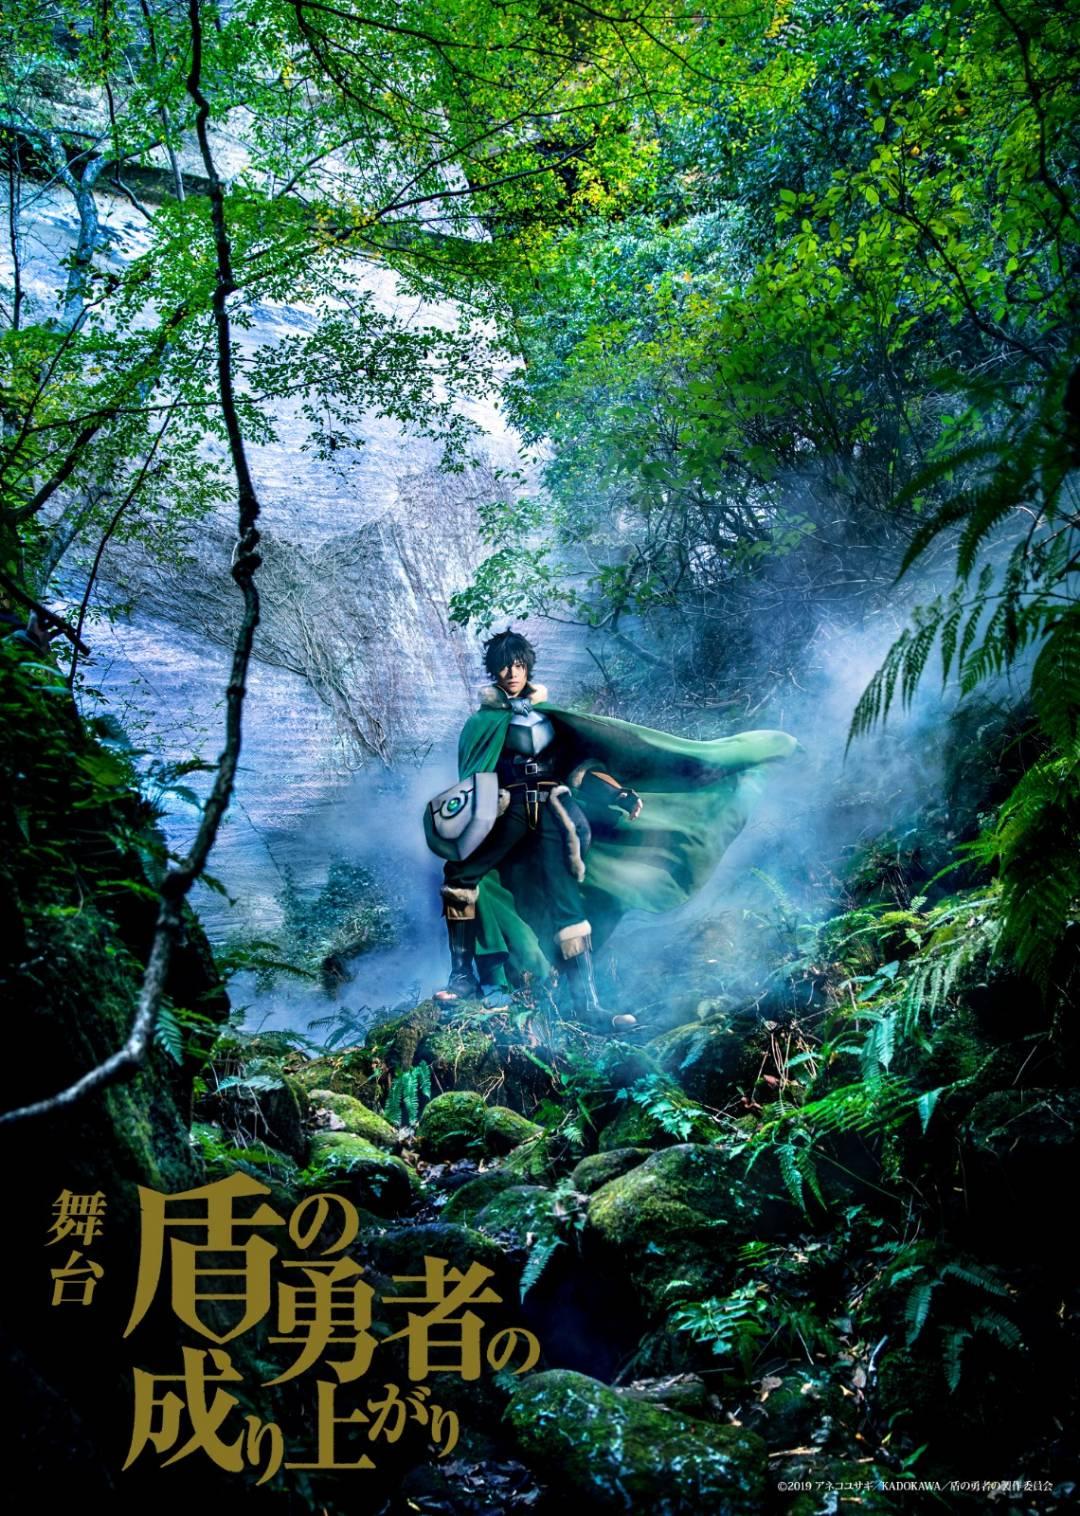 宇野結也・礒部花凜ら出演、舞台『盾の勇者の成り上がり』延期公演が21年7月上演 イメージ画像